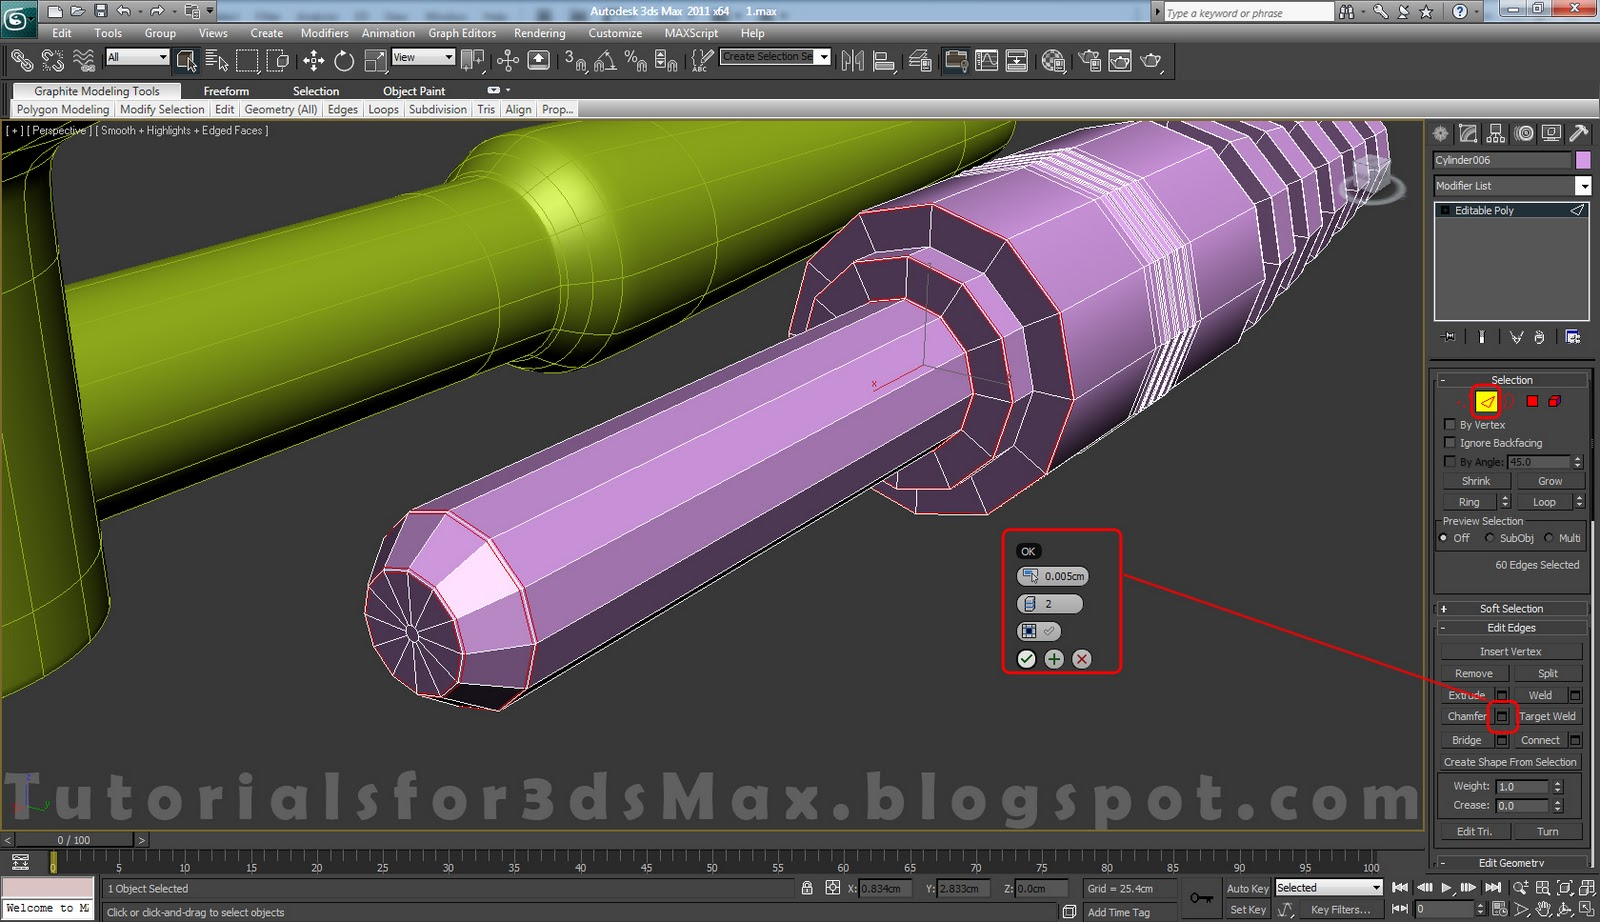 Earphones 3ds max modeling tutorial tutorials for 3ds max for 3ds max modelling tutorials step by step